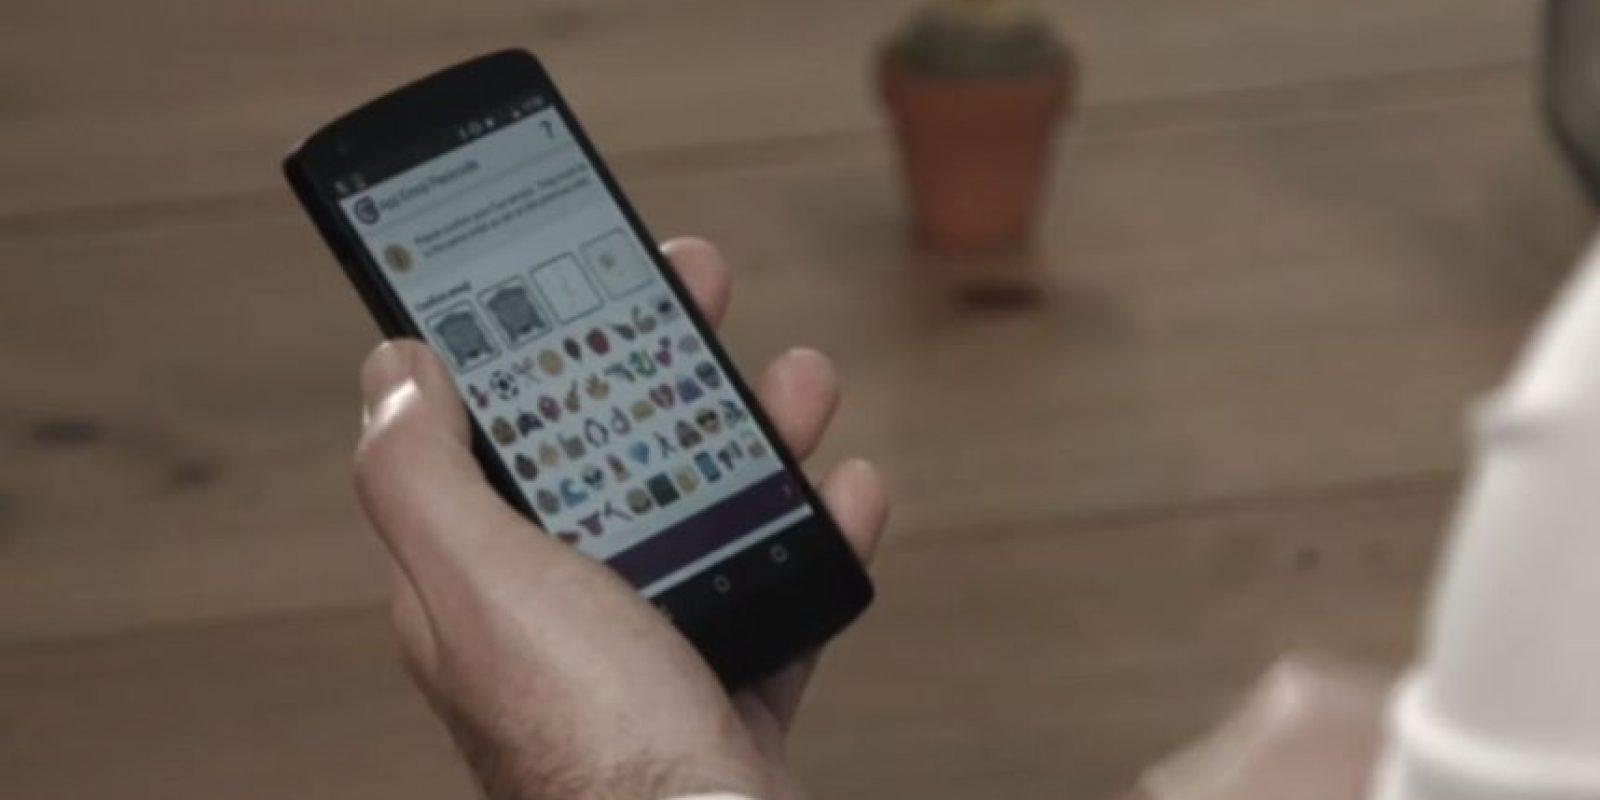 La compañía Intelligent Environments trabaja con instituciones bancarias para que usuarios utilicen emojis en lugar de sus NIP's al ingresar a su cuenta debido a que, aseguran, la combinación de estos símbolos es más difícil de hackear. Foto:Intelligent Environments